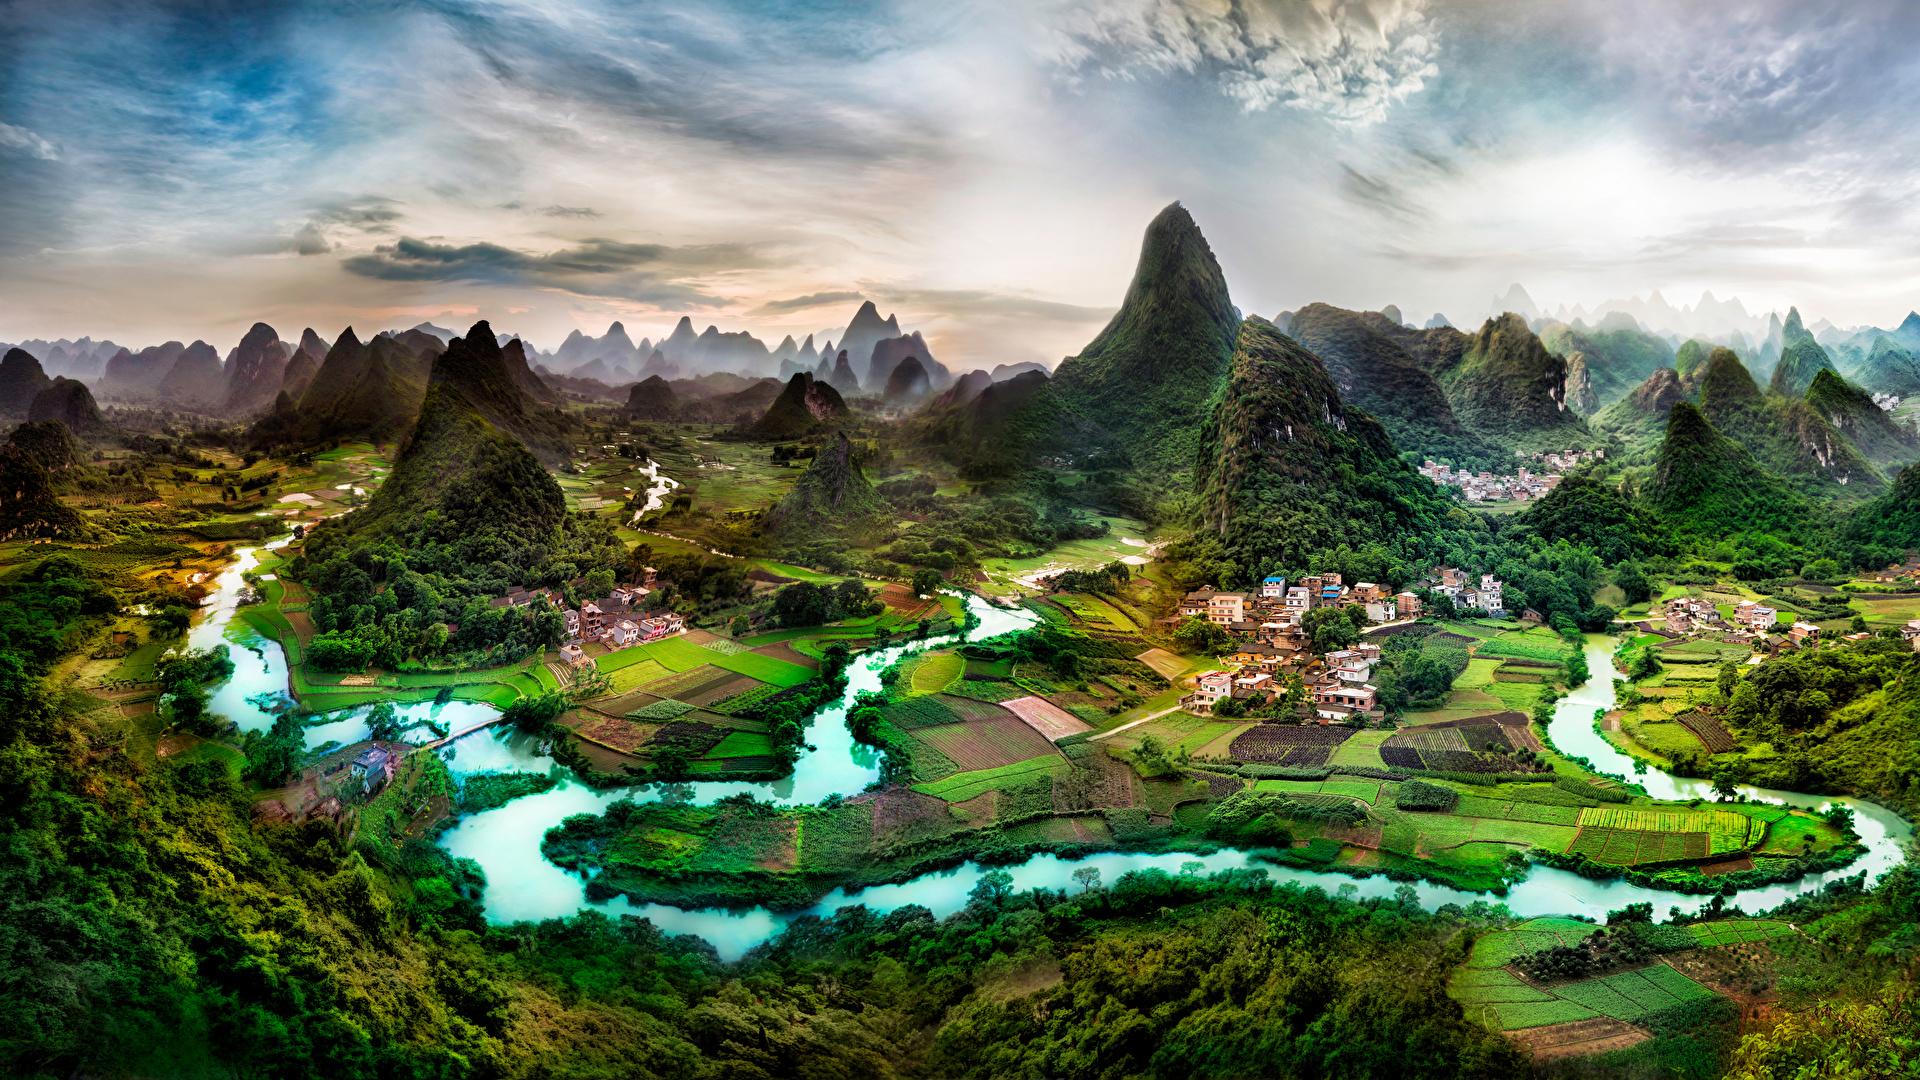 Fotos von China Guangxi Province Natur Felsen Acker Flusse Gebäude 1920x1080 Felder Fluss Haus